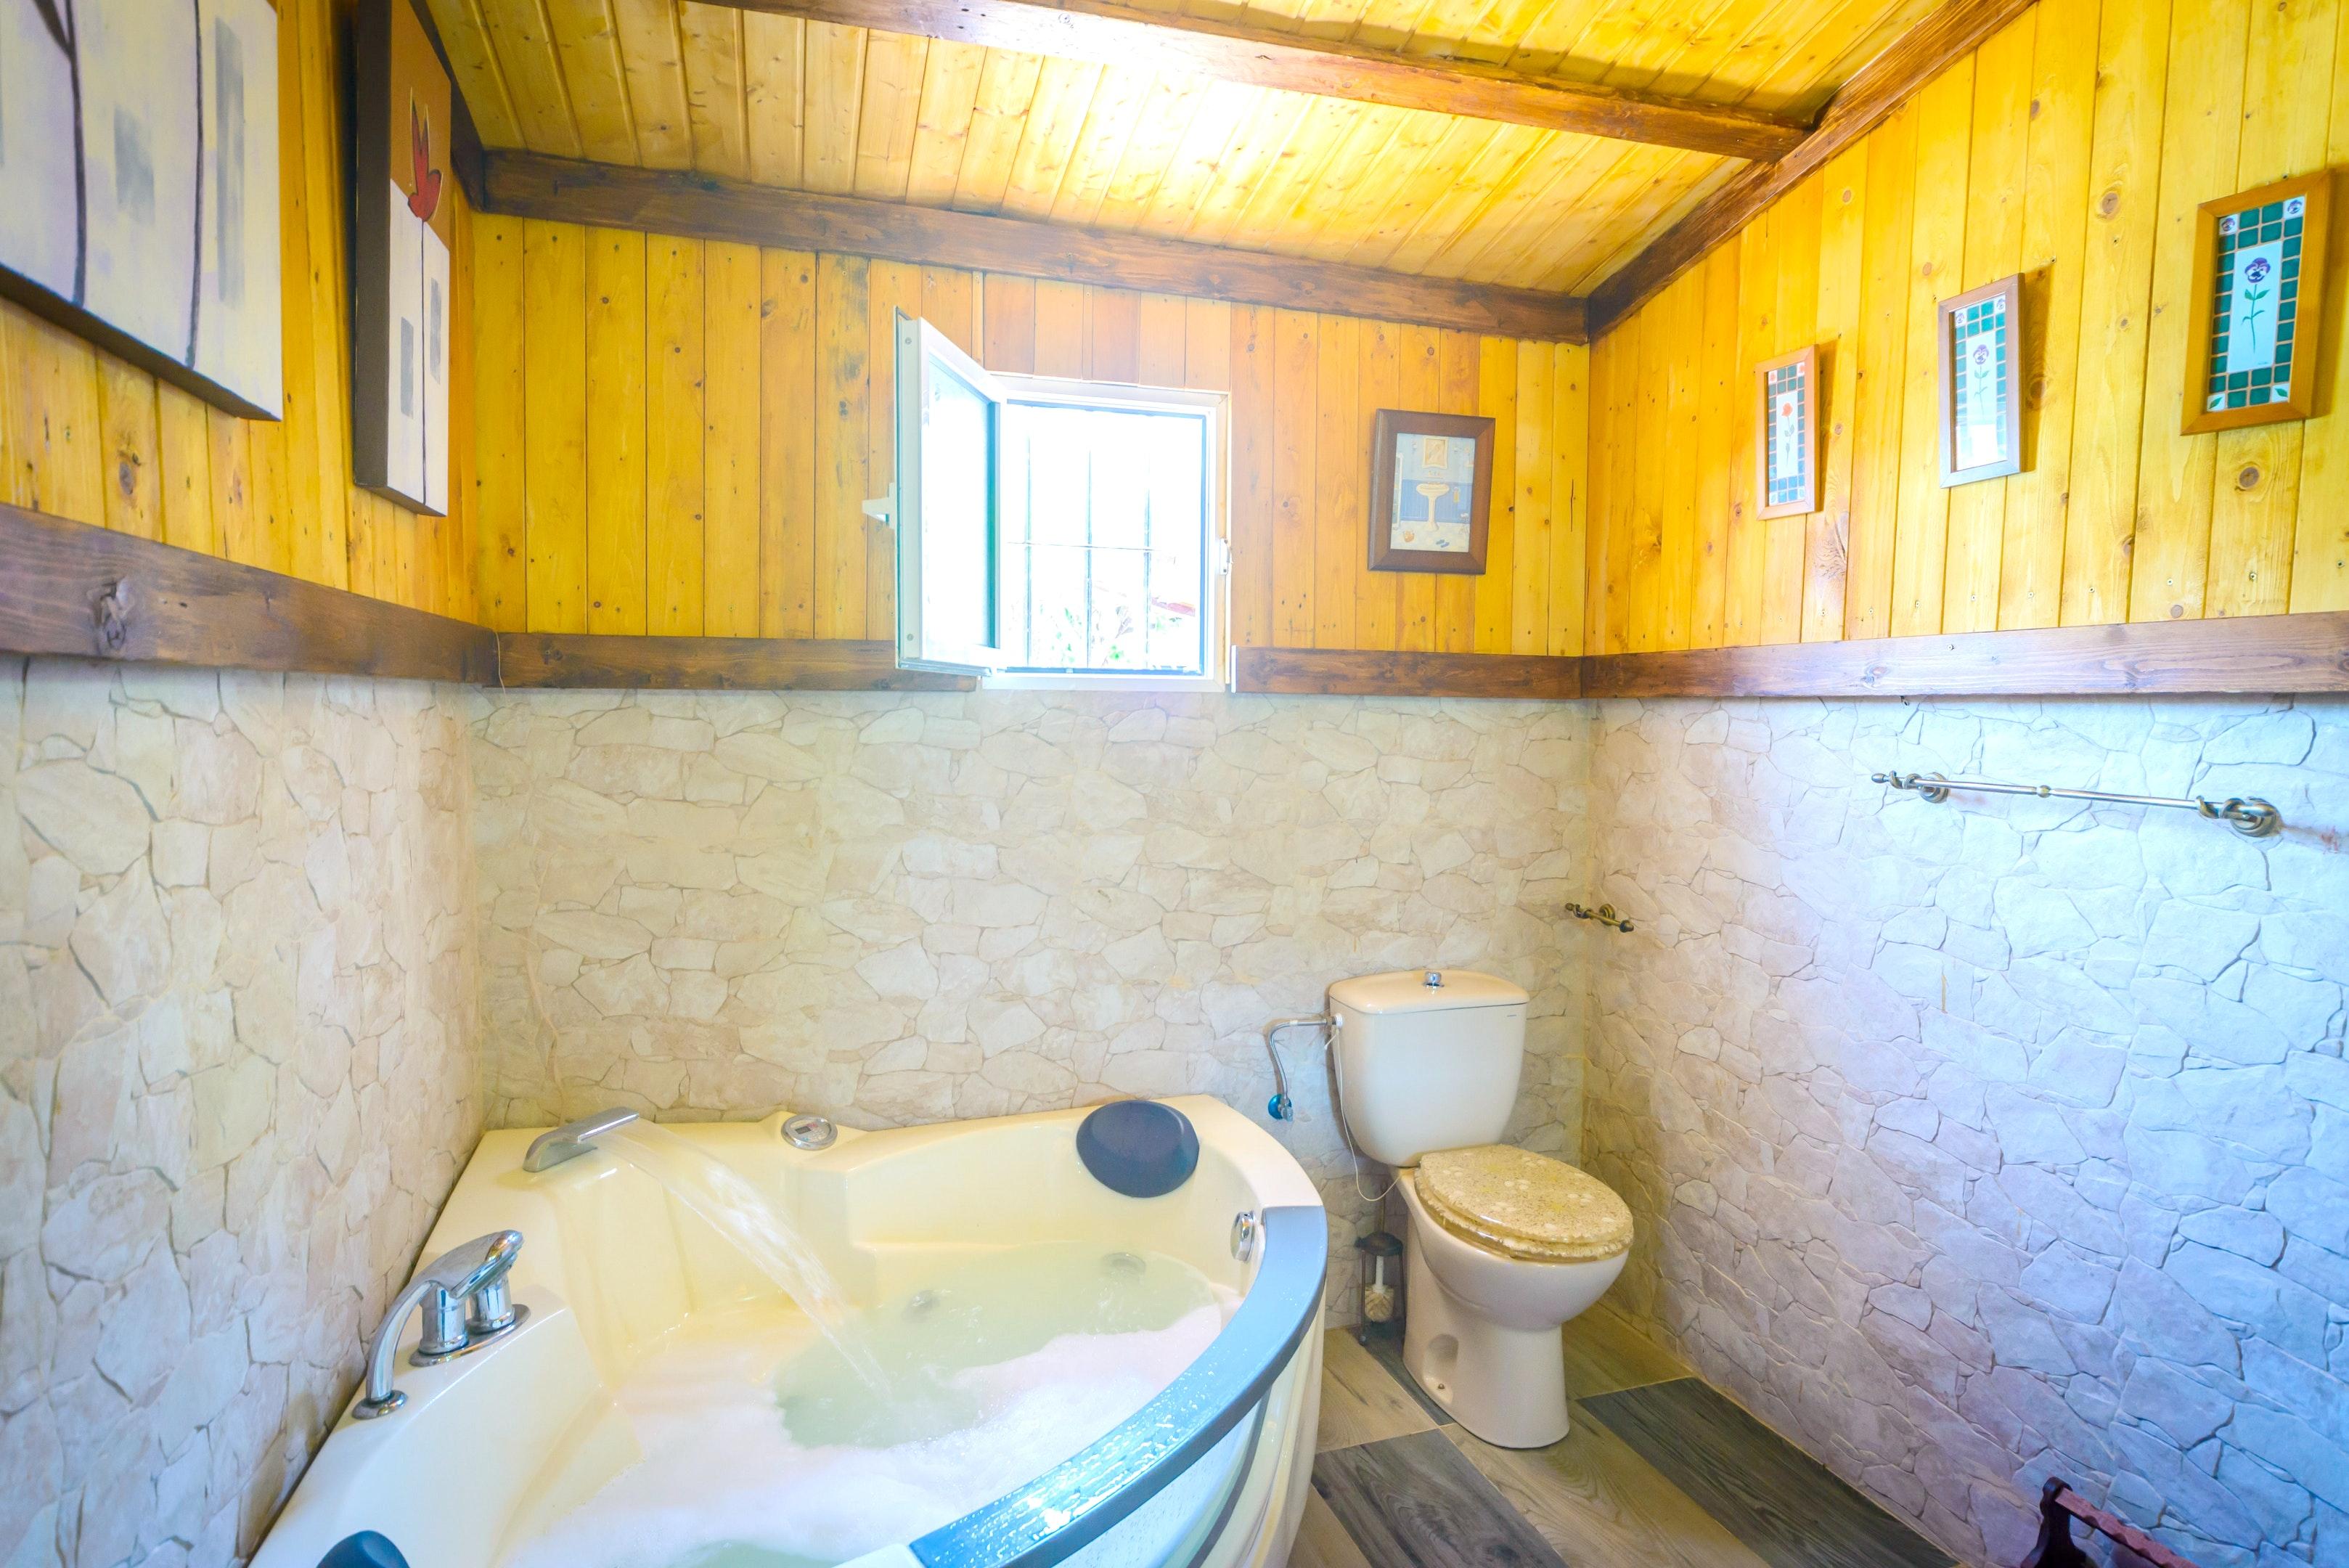 Ferienhaus Villa mit 3 Schlafzimmern in Peñaflor mit privatem Pool, eingezäuntem Garten und W-LAN (2208249), Peñaflor, Sevilla, Andalusien, Spanien, Bild 17